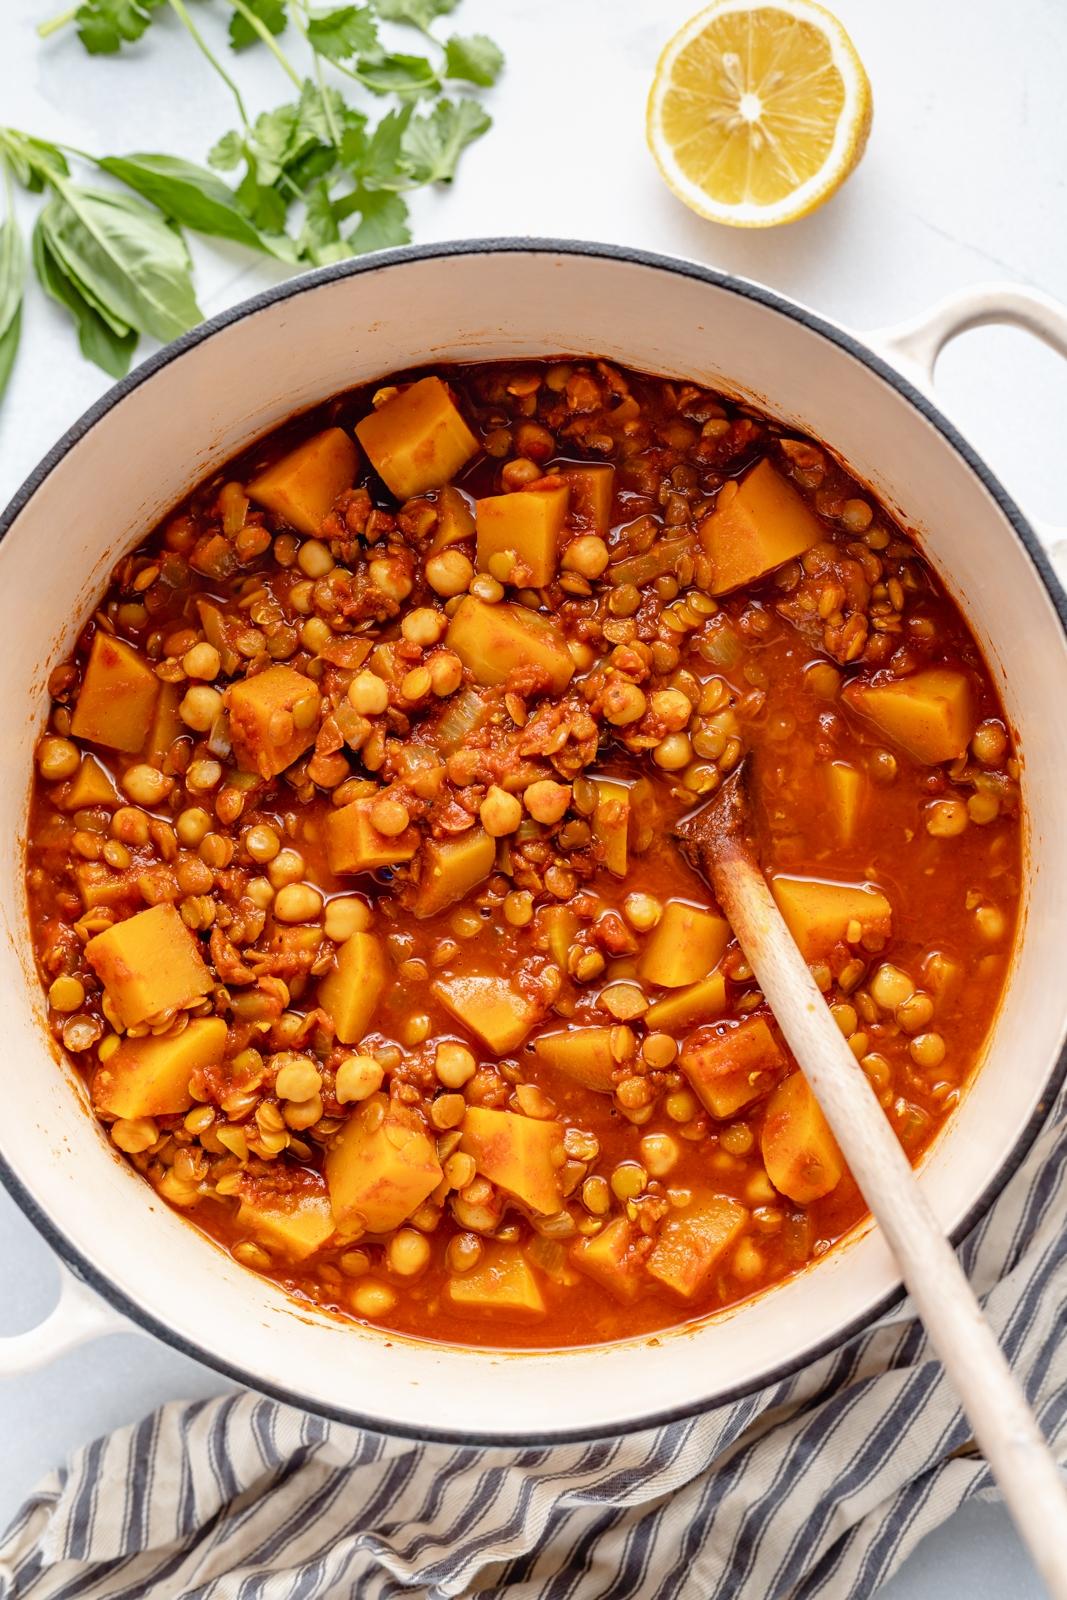 butternut squash lentil moroccan stew in a pot